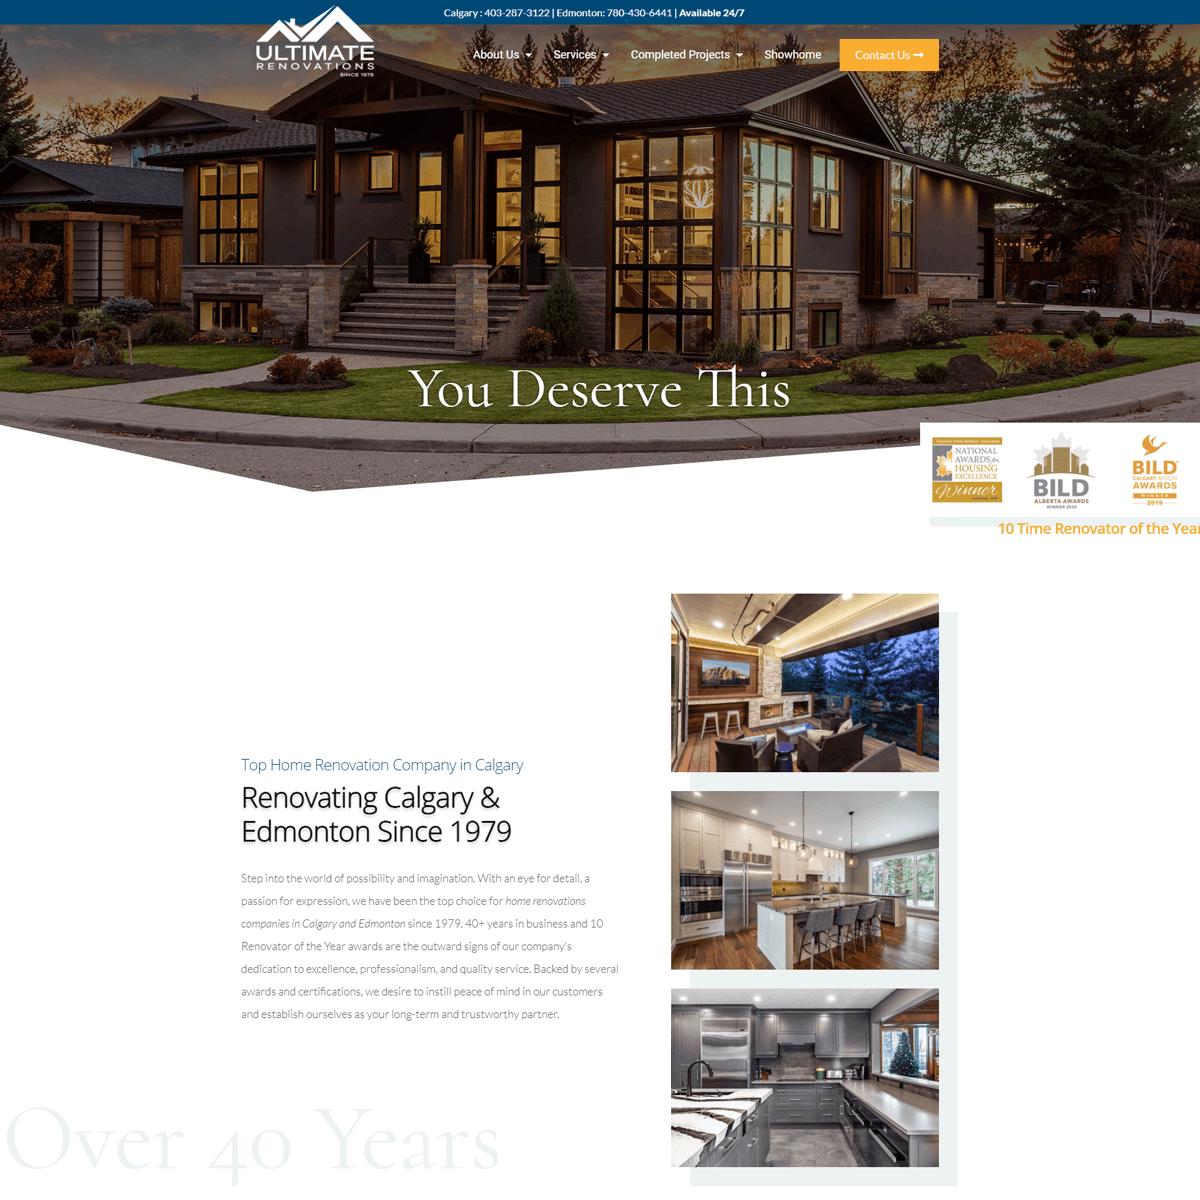 website-design-portfolio-after-ultimate-renovations